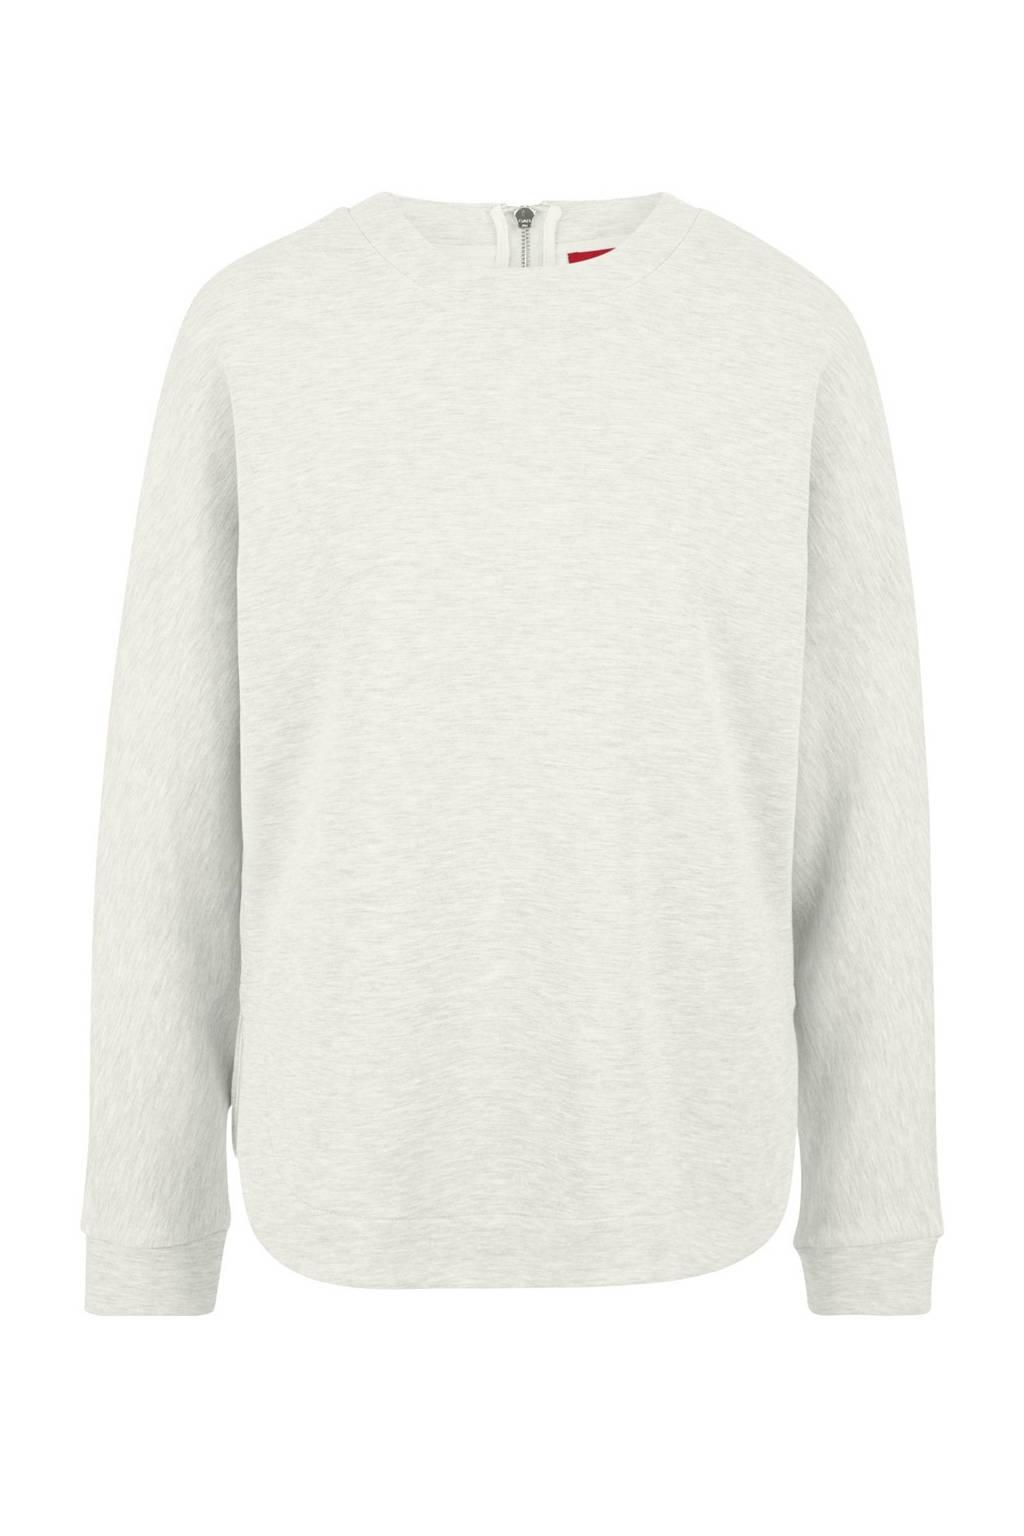 s.Oliver gebreide sweater met textuur ecru, Ecru